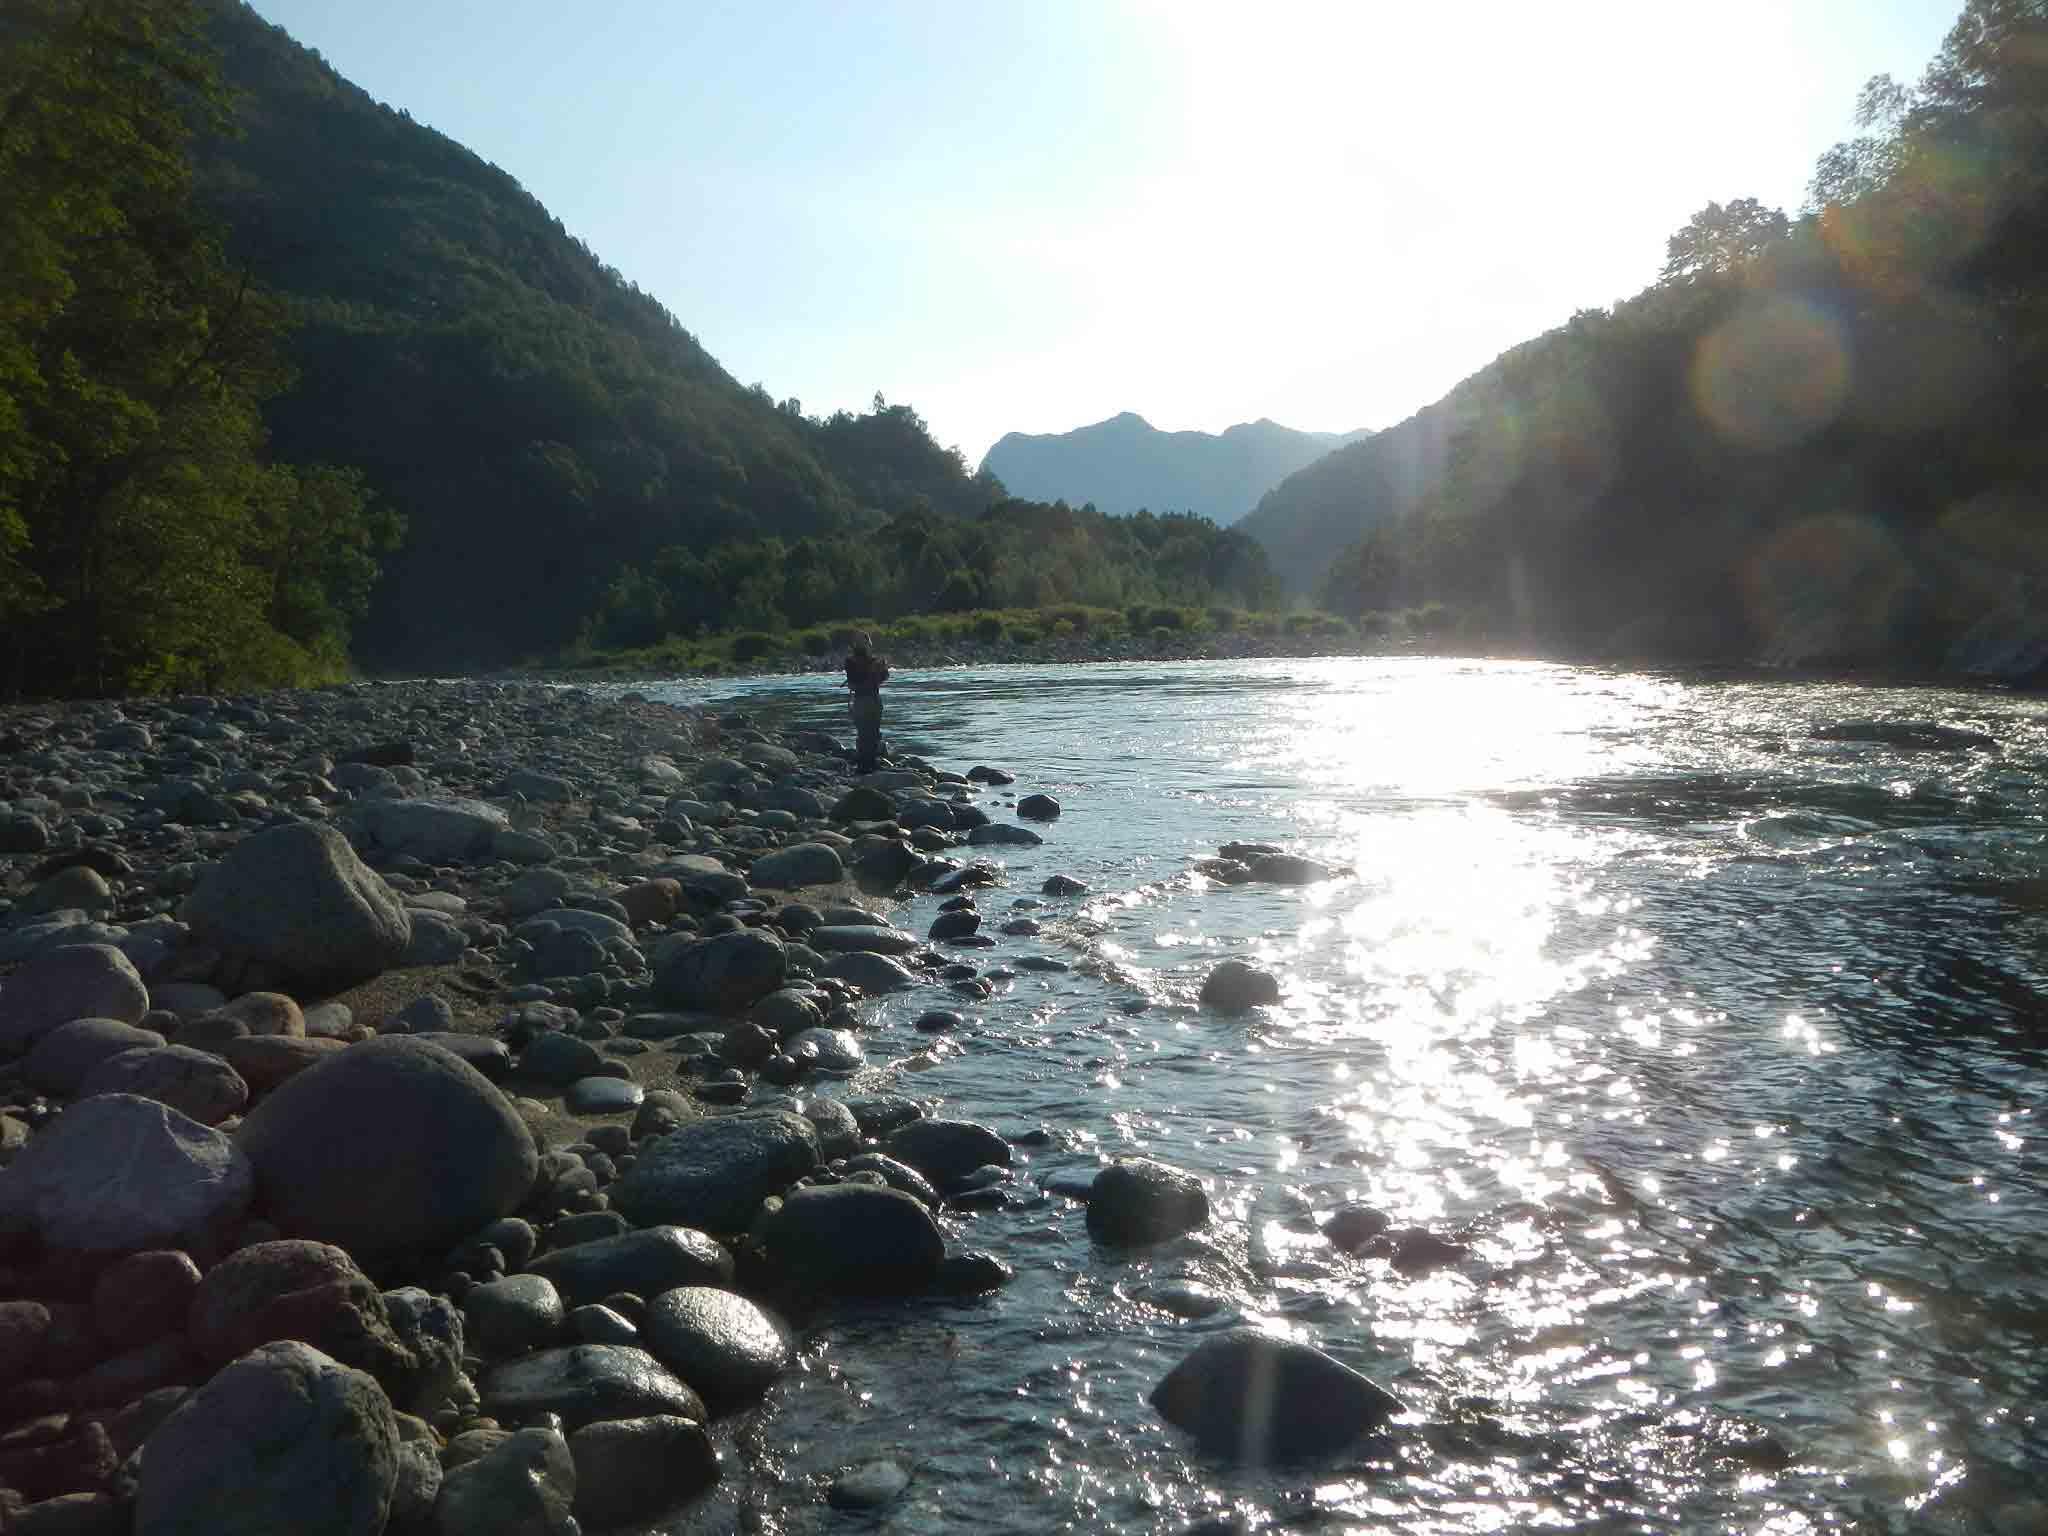 Luci-sul-fiume Sesia